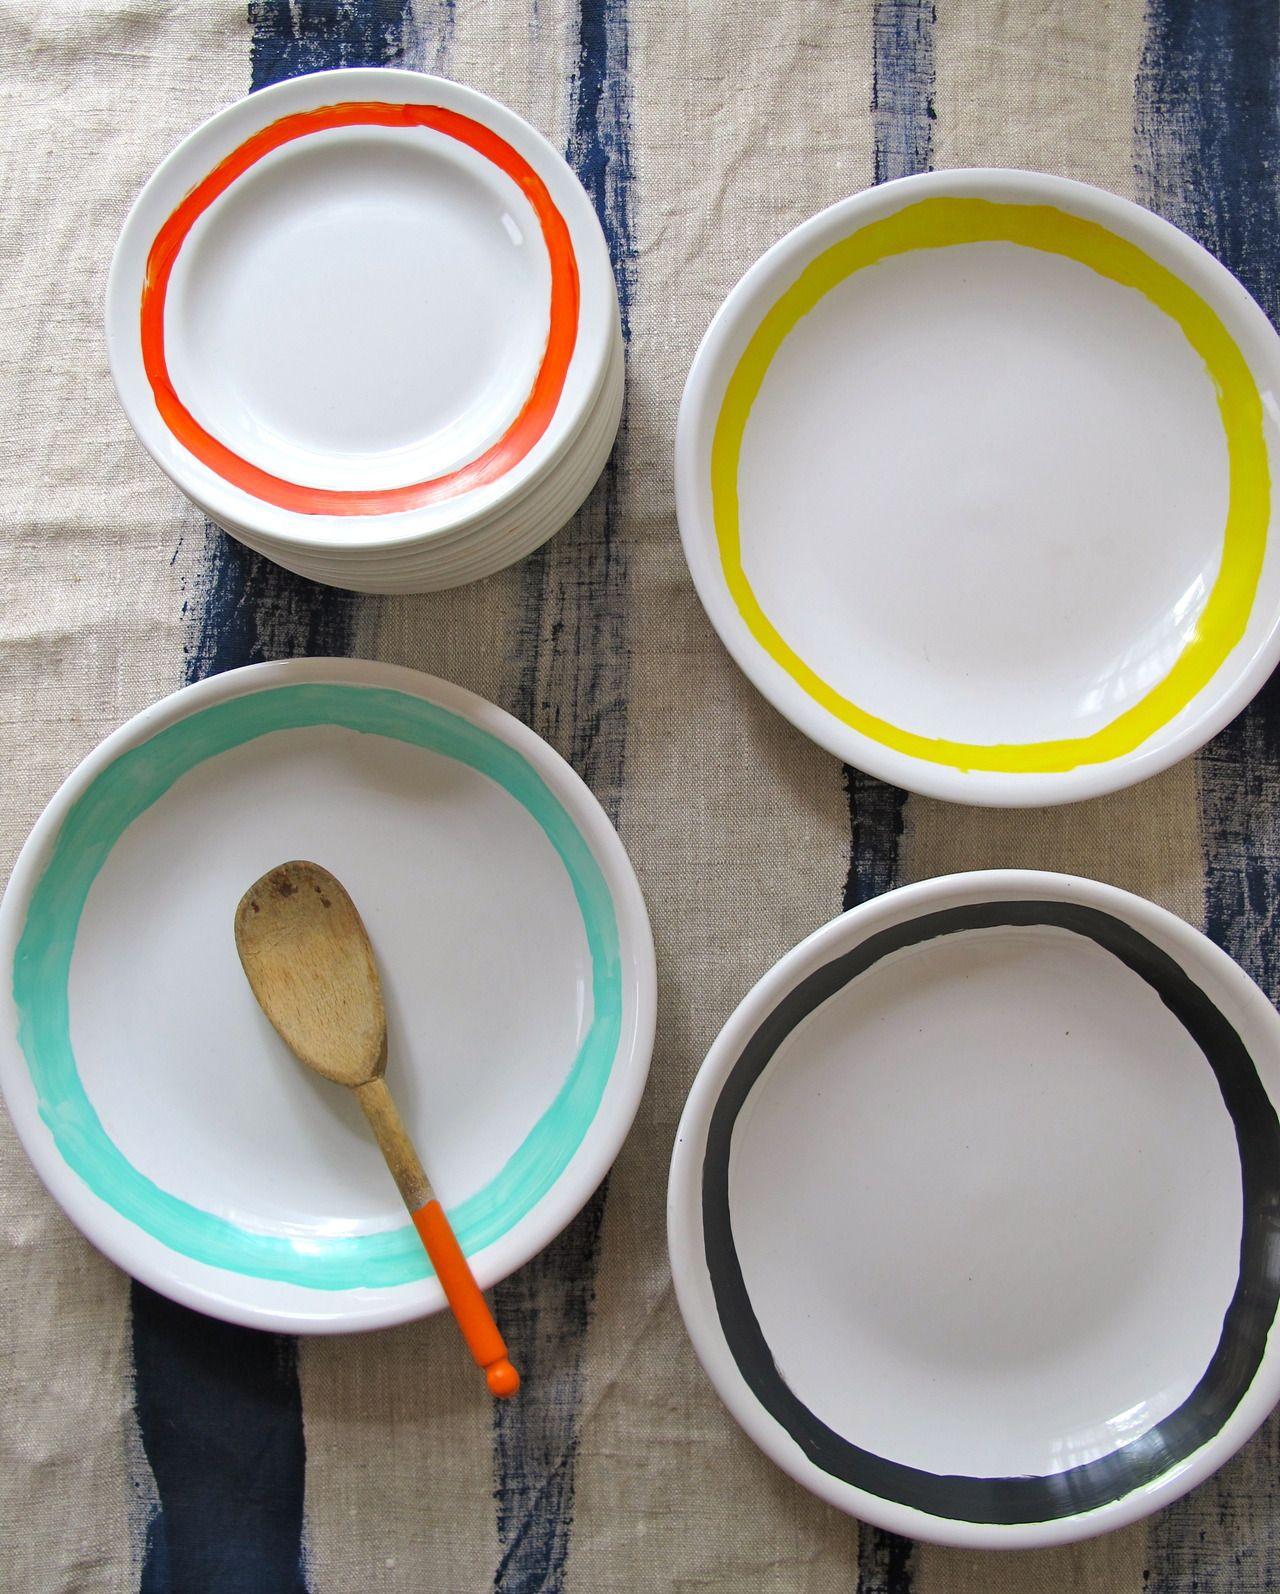 Tumblr mo4kssajux1qdgpg6o2 1 280 1 594 pixels for Ceramica artesanal peru